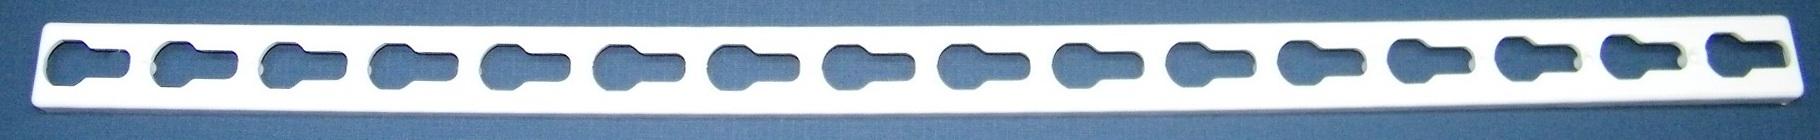 800mm Keyhole Strip